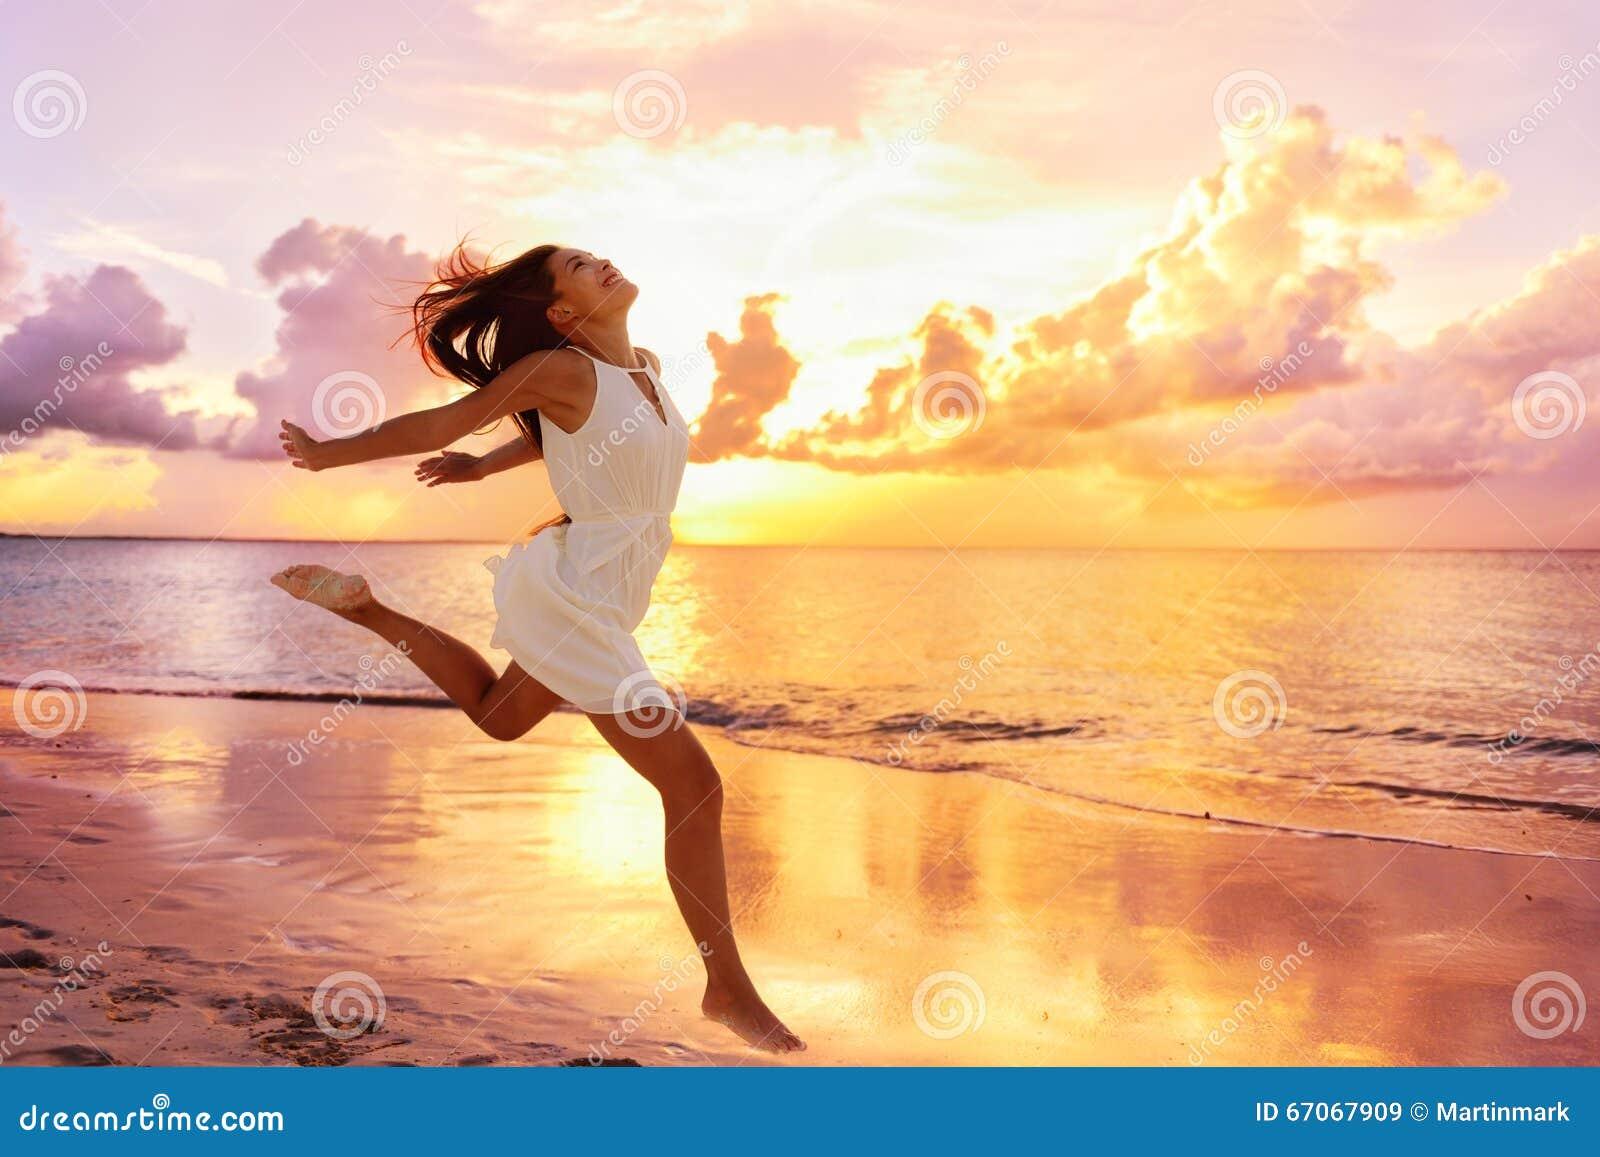 concept de bonheur de bien tre de libert femme heureuse photo stock image 67067909. Black Bedroom Furniture Sets. Home Design Ideas